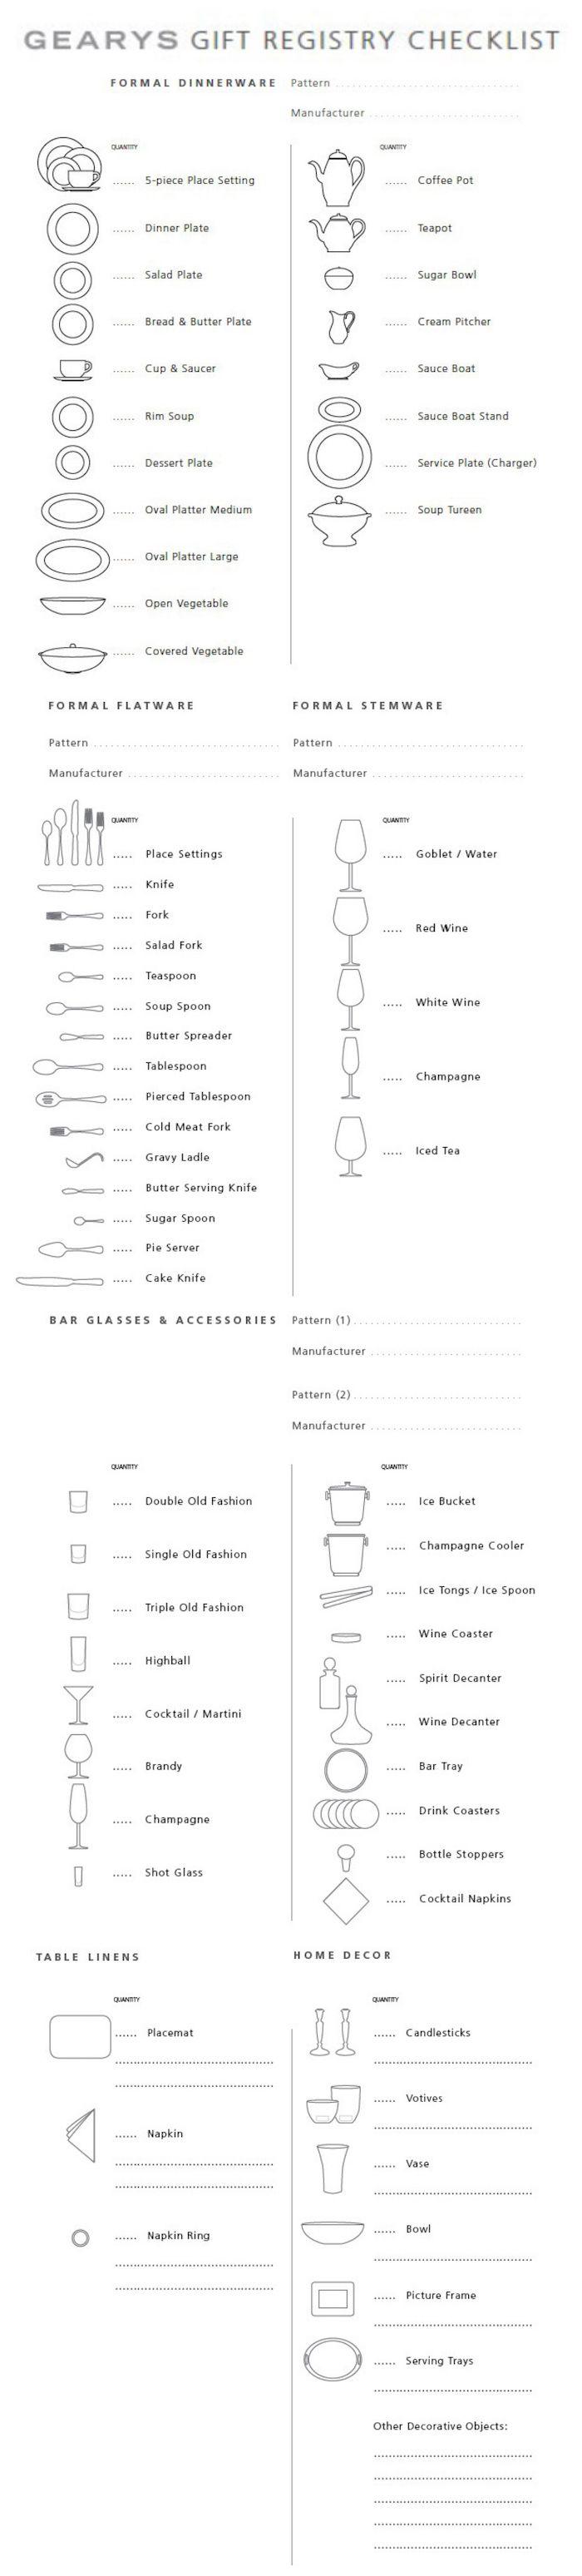 Wedding Gift Registry Checklist, Formal Dinnerware & More (via Gearys)